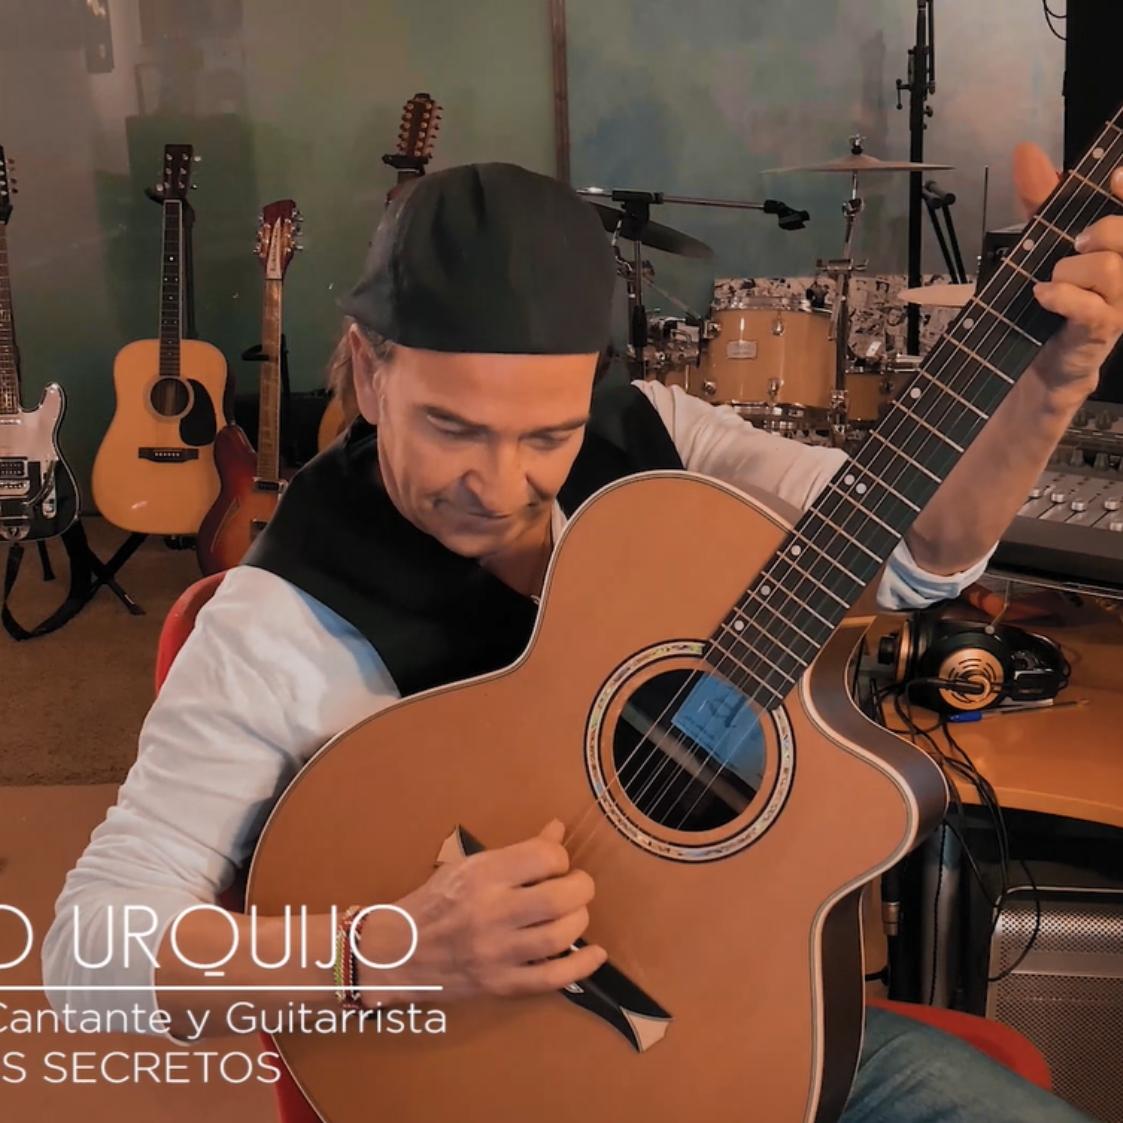 Álvaro Urquijo - Retratos en Tiempos de Pandemia – Guitarras Alhambra